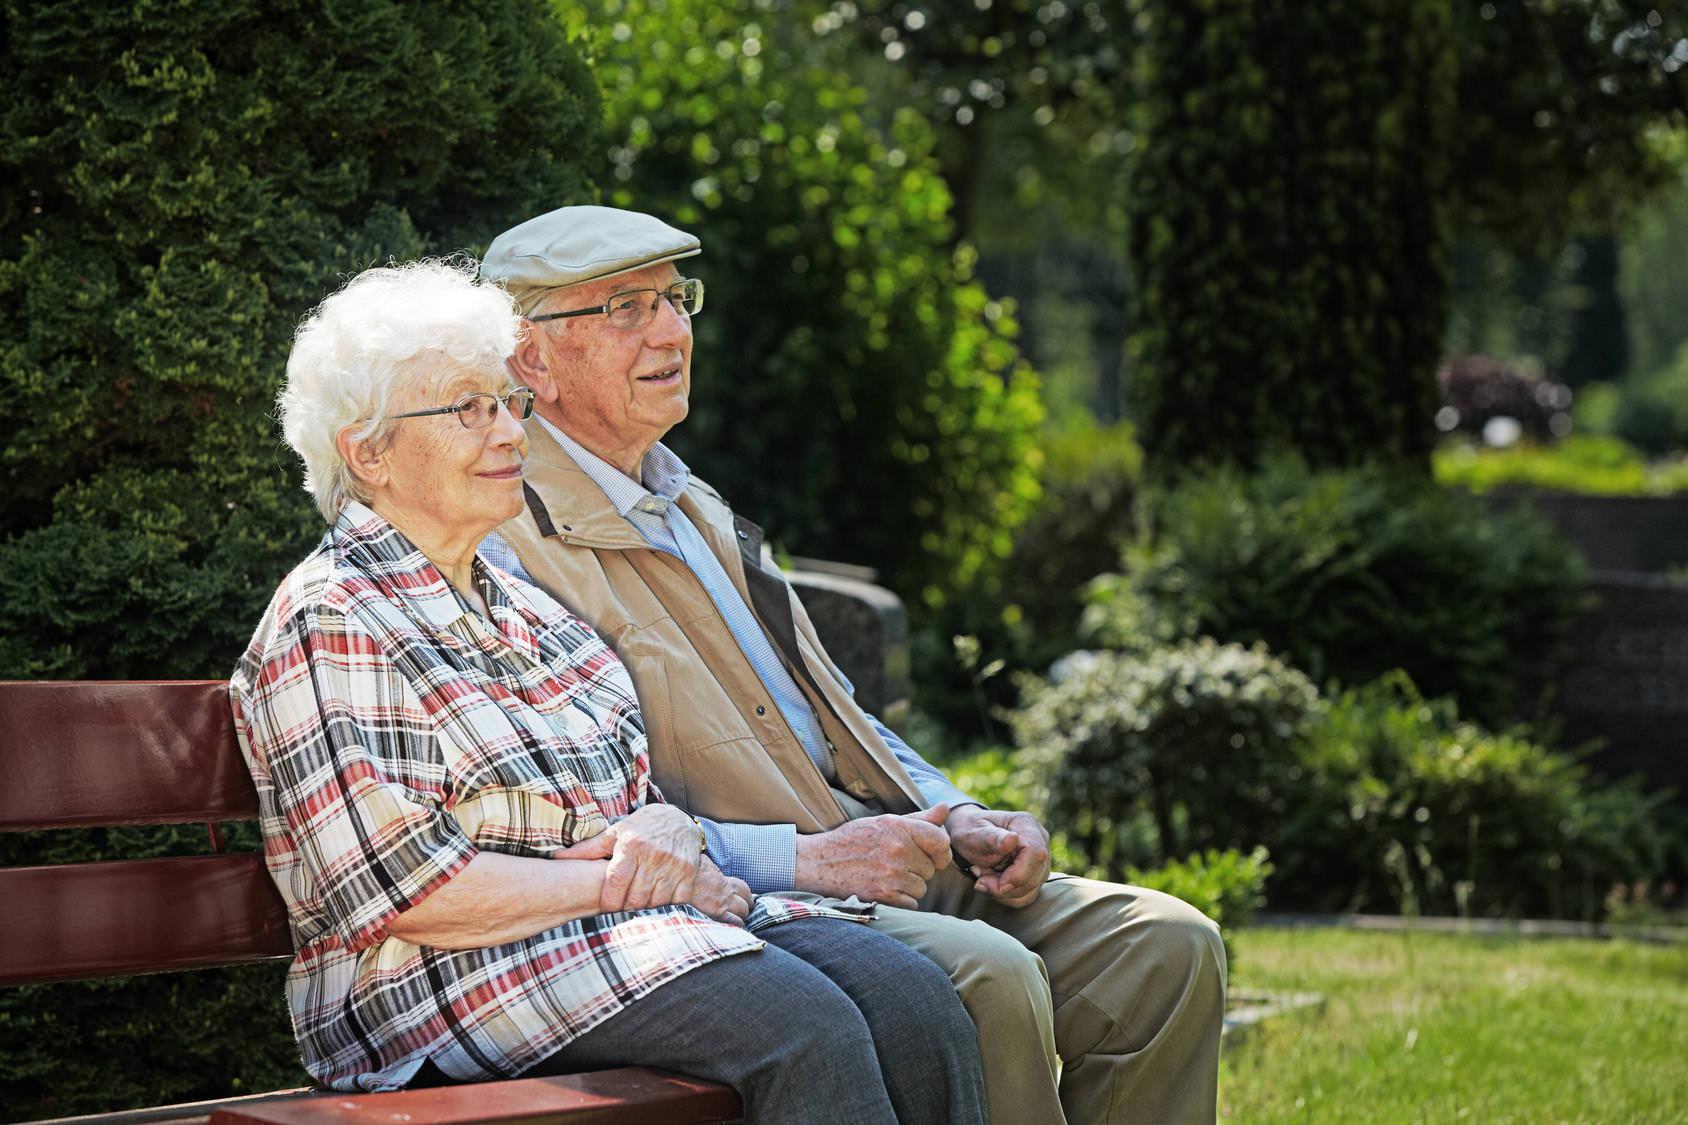 Выплачивать алименты родителям: когда возникает обязательство (фото: Ingo Bartussek - Fotolia.com).